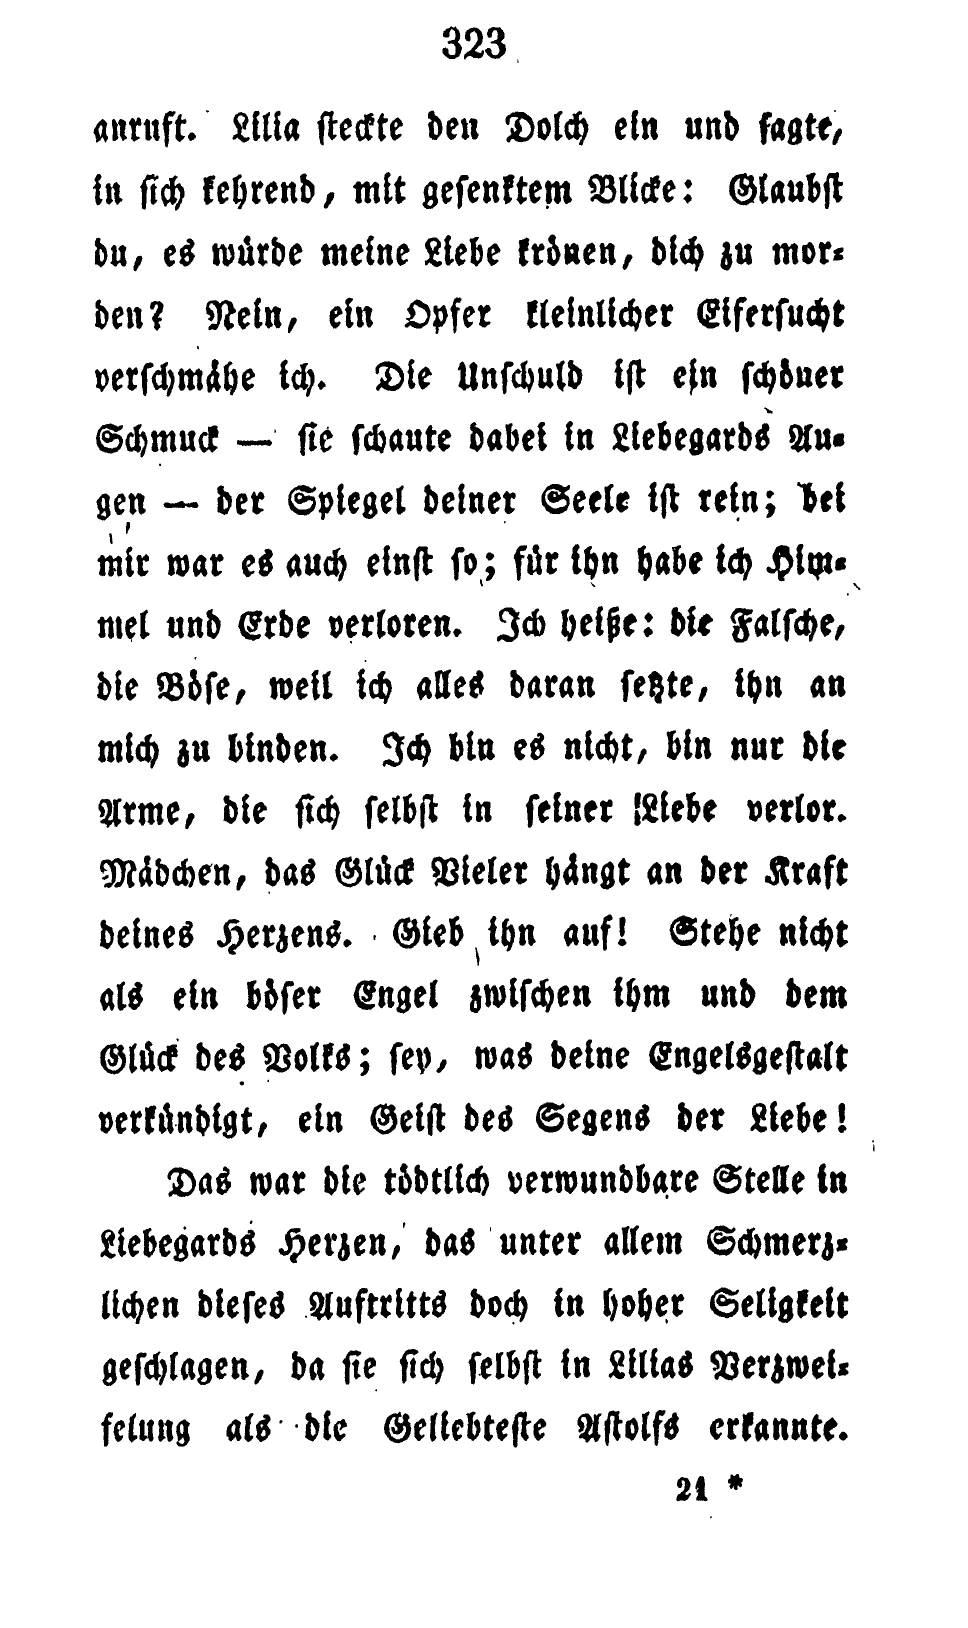 File:De Erzählungen (Wolzogen) V2 327.jpg - Wikimedia Commons